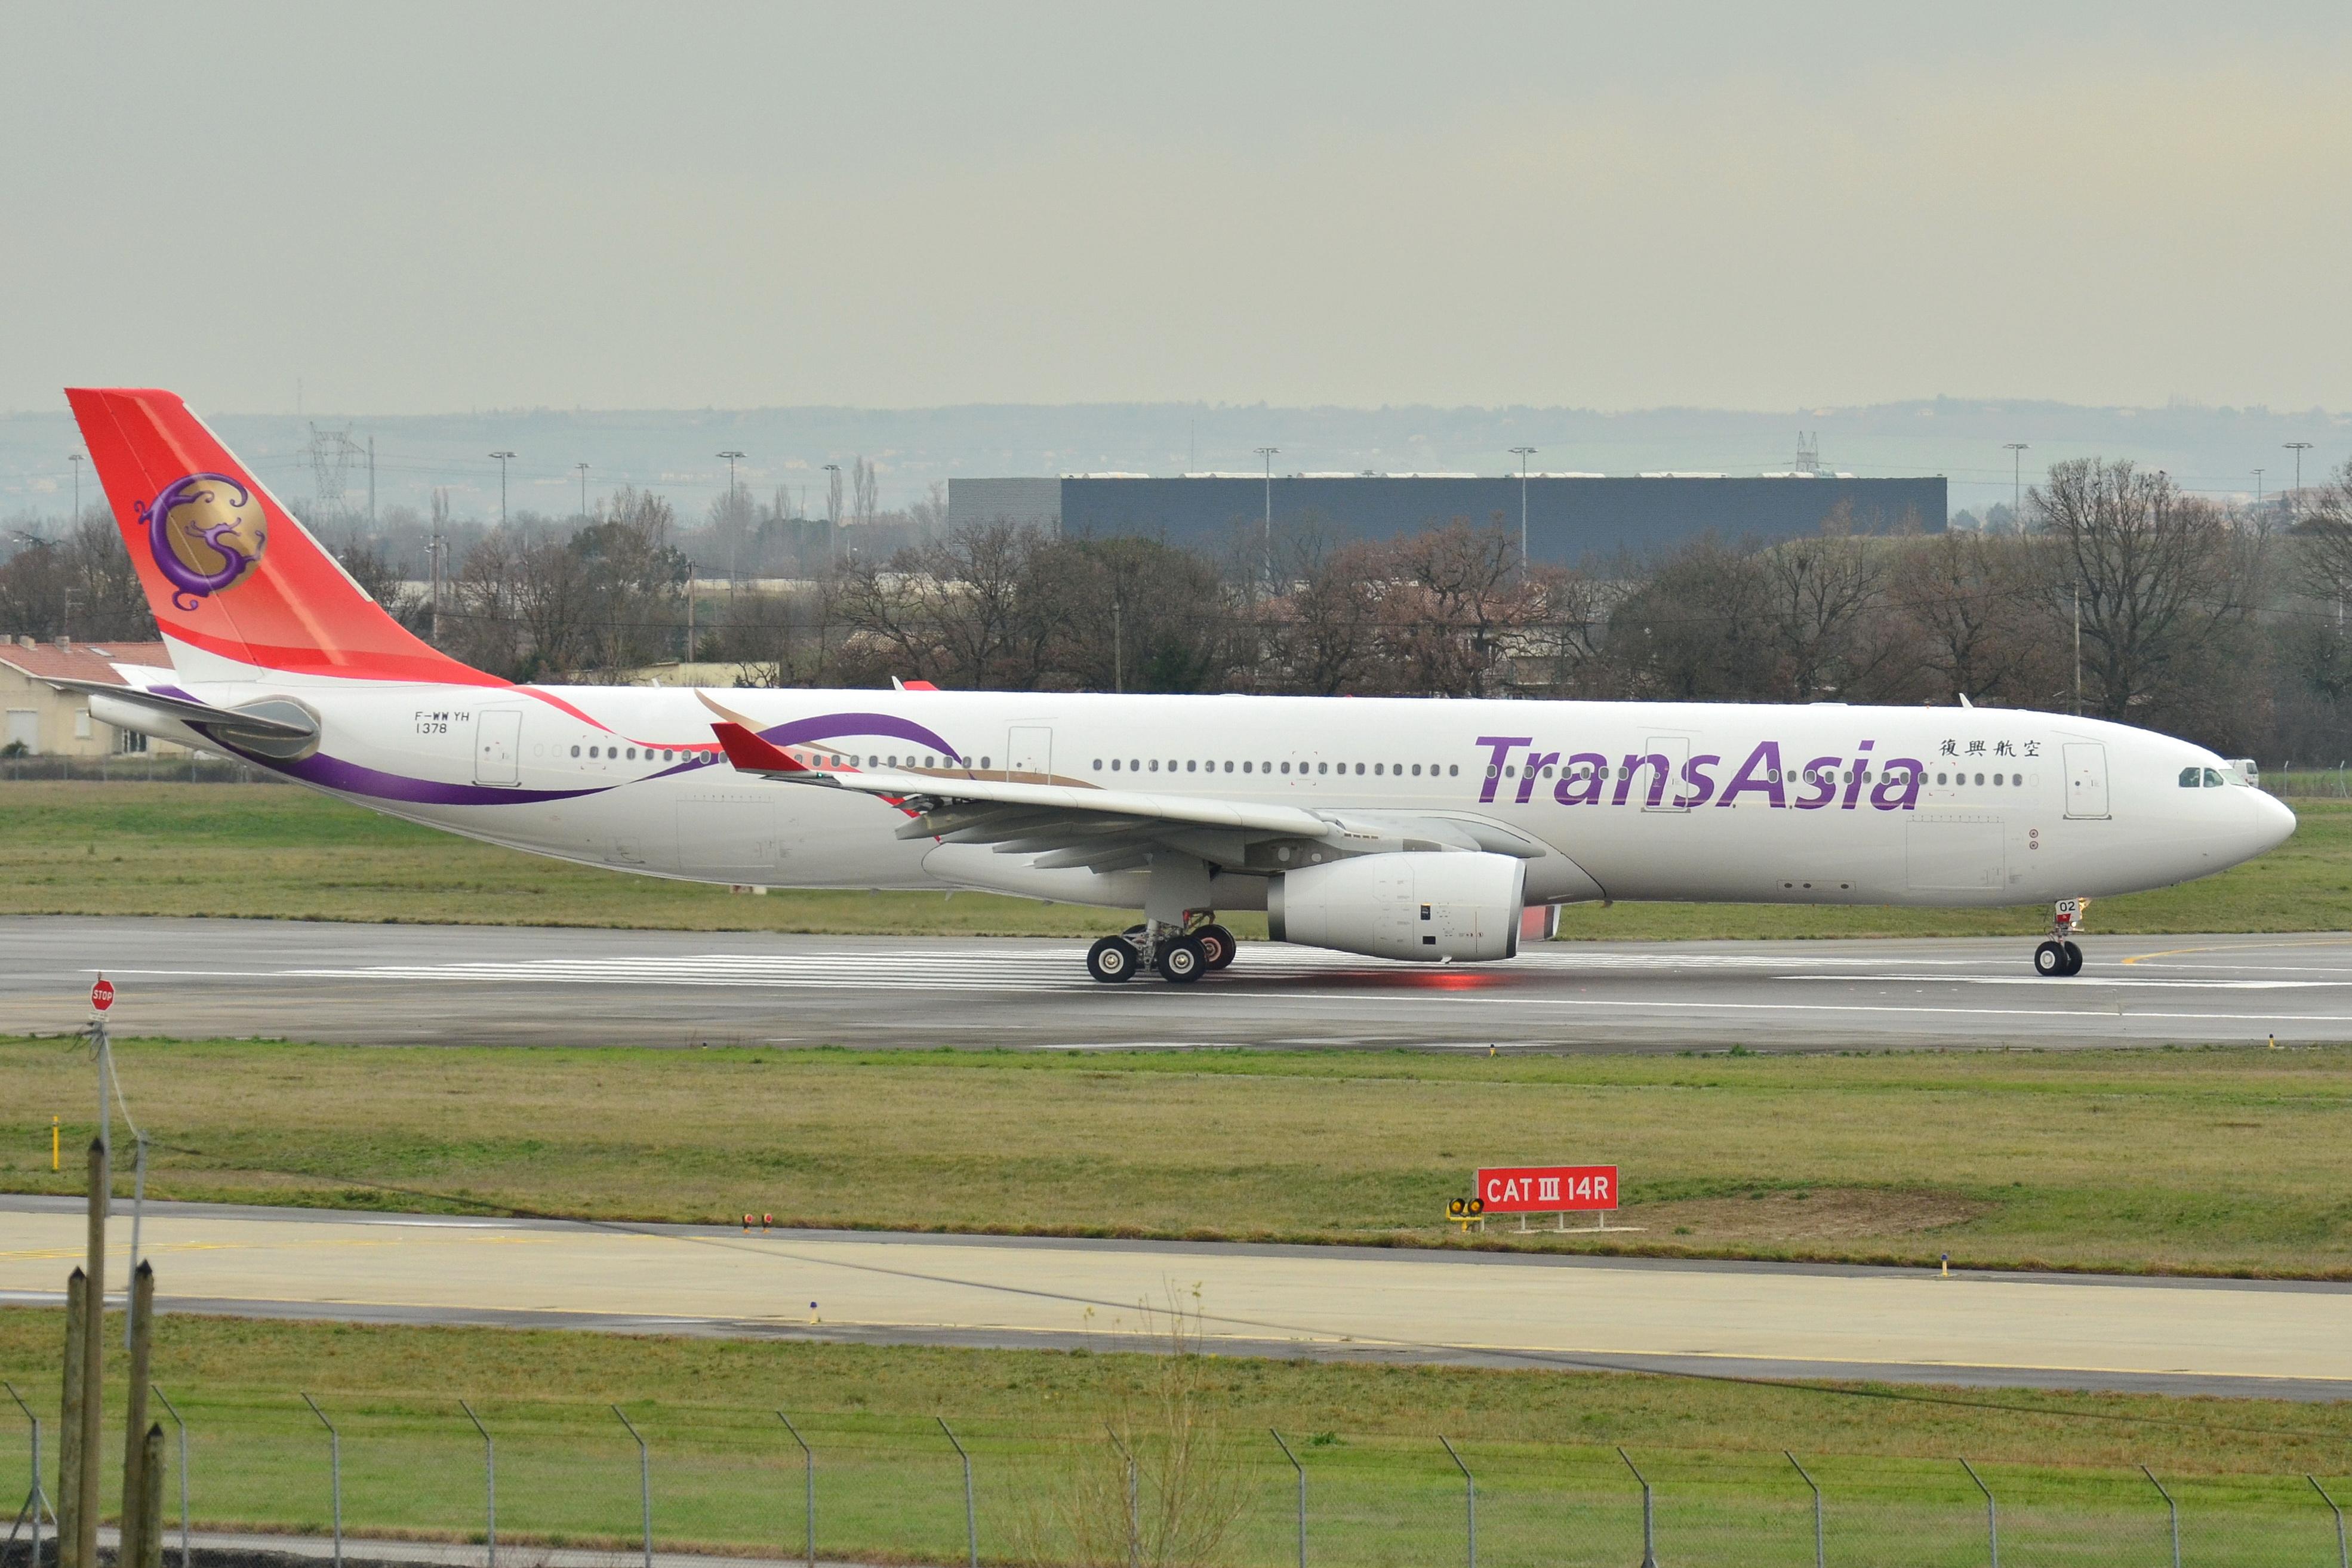 File:Airbus A330-300 (TransAsia Airways) - F-WWYH - MSN 1378.